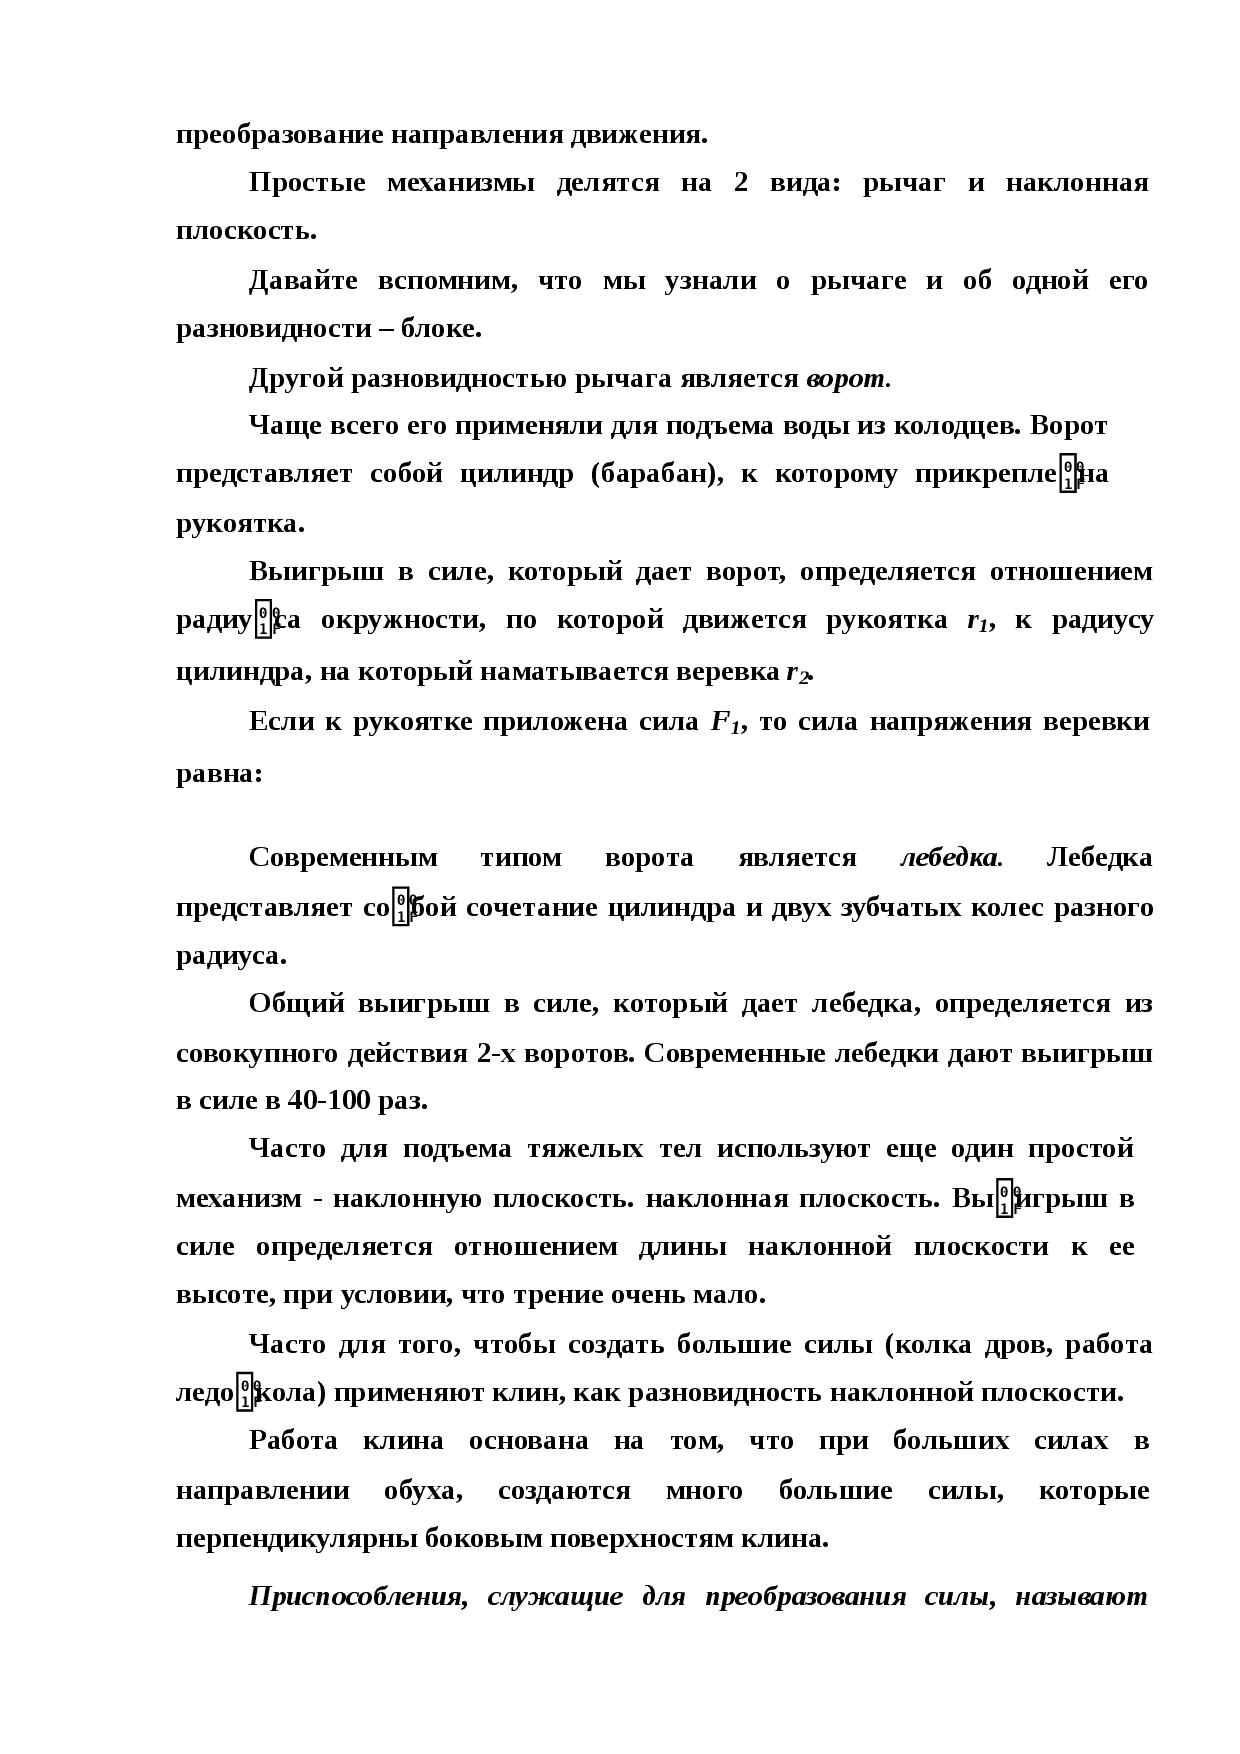 Простые и сложные механизмы - рукотворные системы - природные и искусственные системы в среде жизни человека - естествознание 6 класс - а.г. ярошенко - генезис - 2006 год